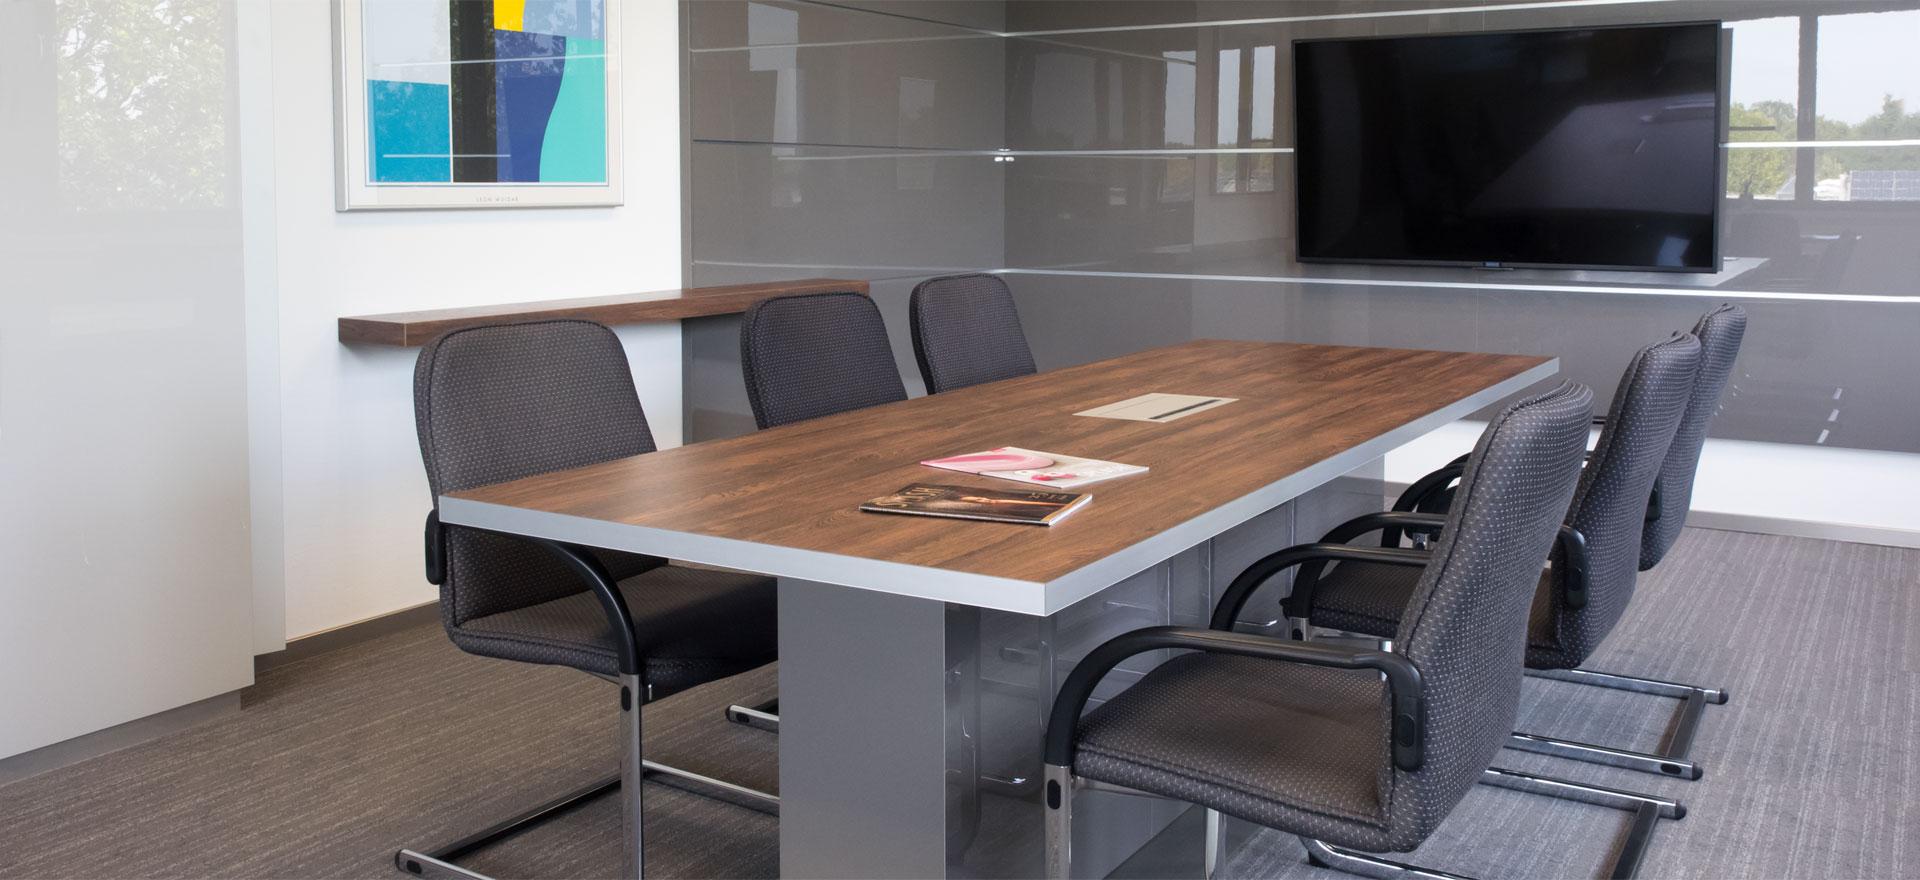 hoyng m beltischlerei und innenausbau tischlerei in 49393 lohne. Black Bedroom Furniture Sets. Home Design Ideas